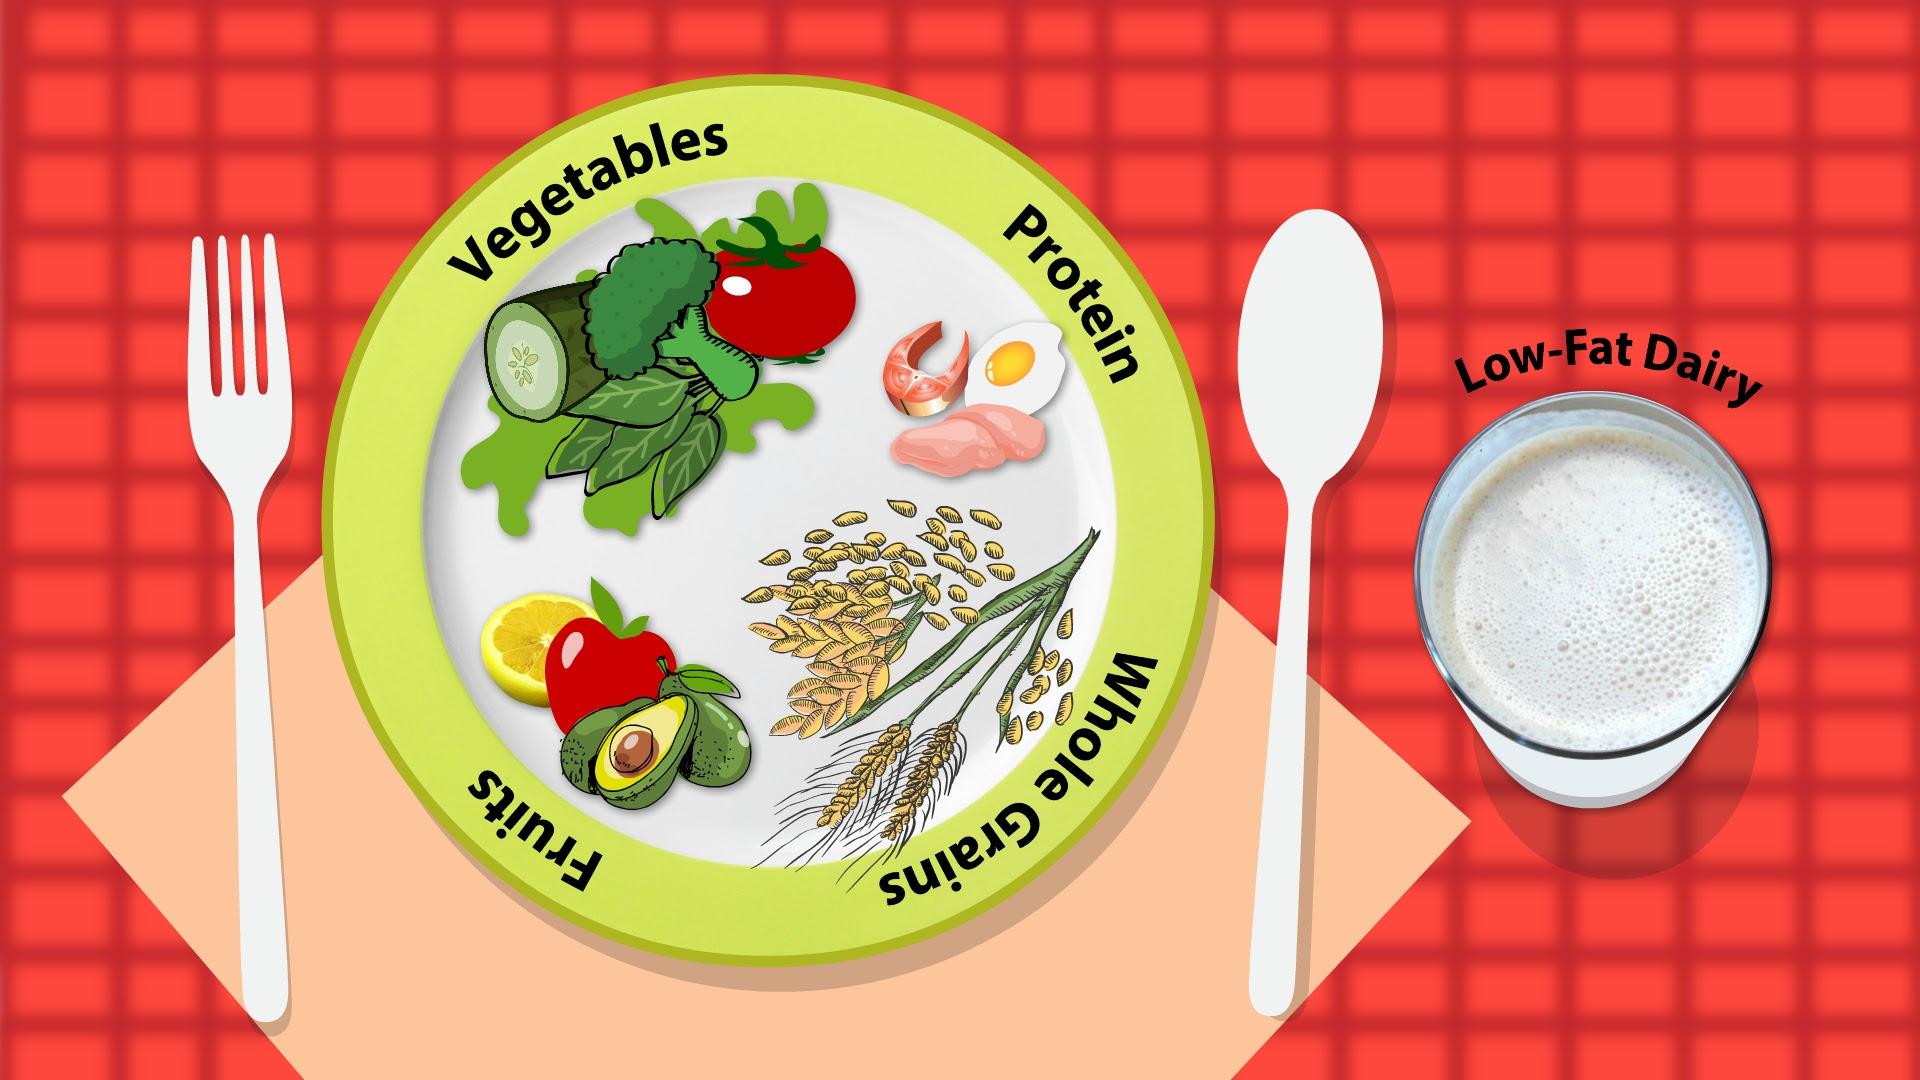 dash diet pyramid handout